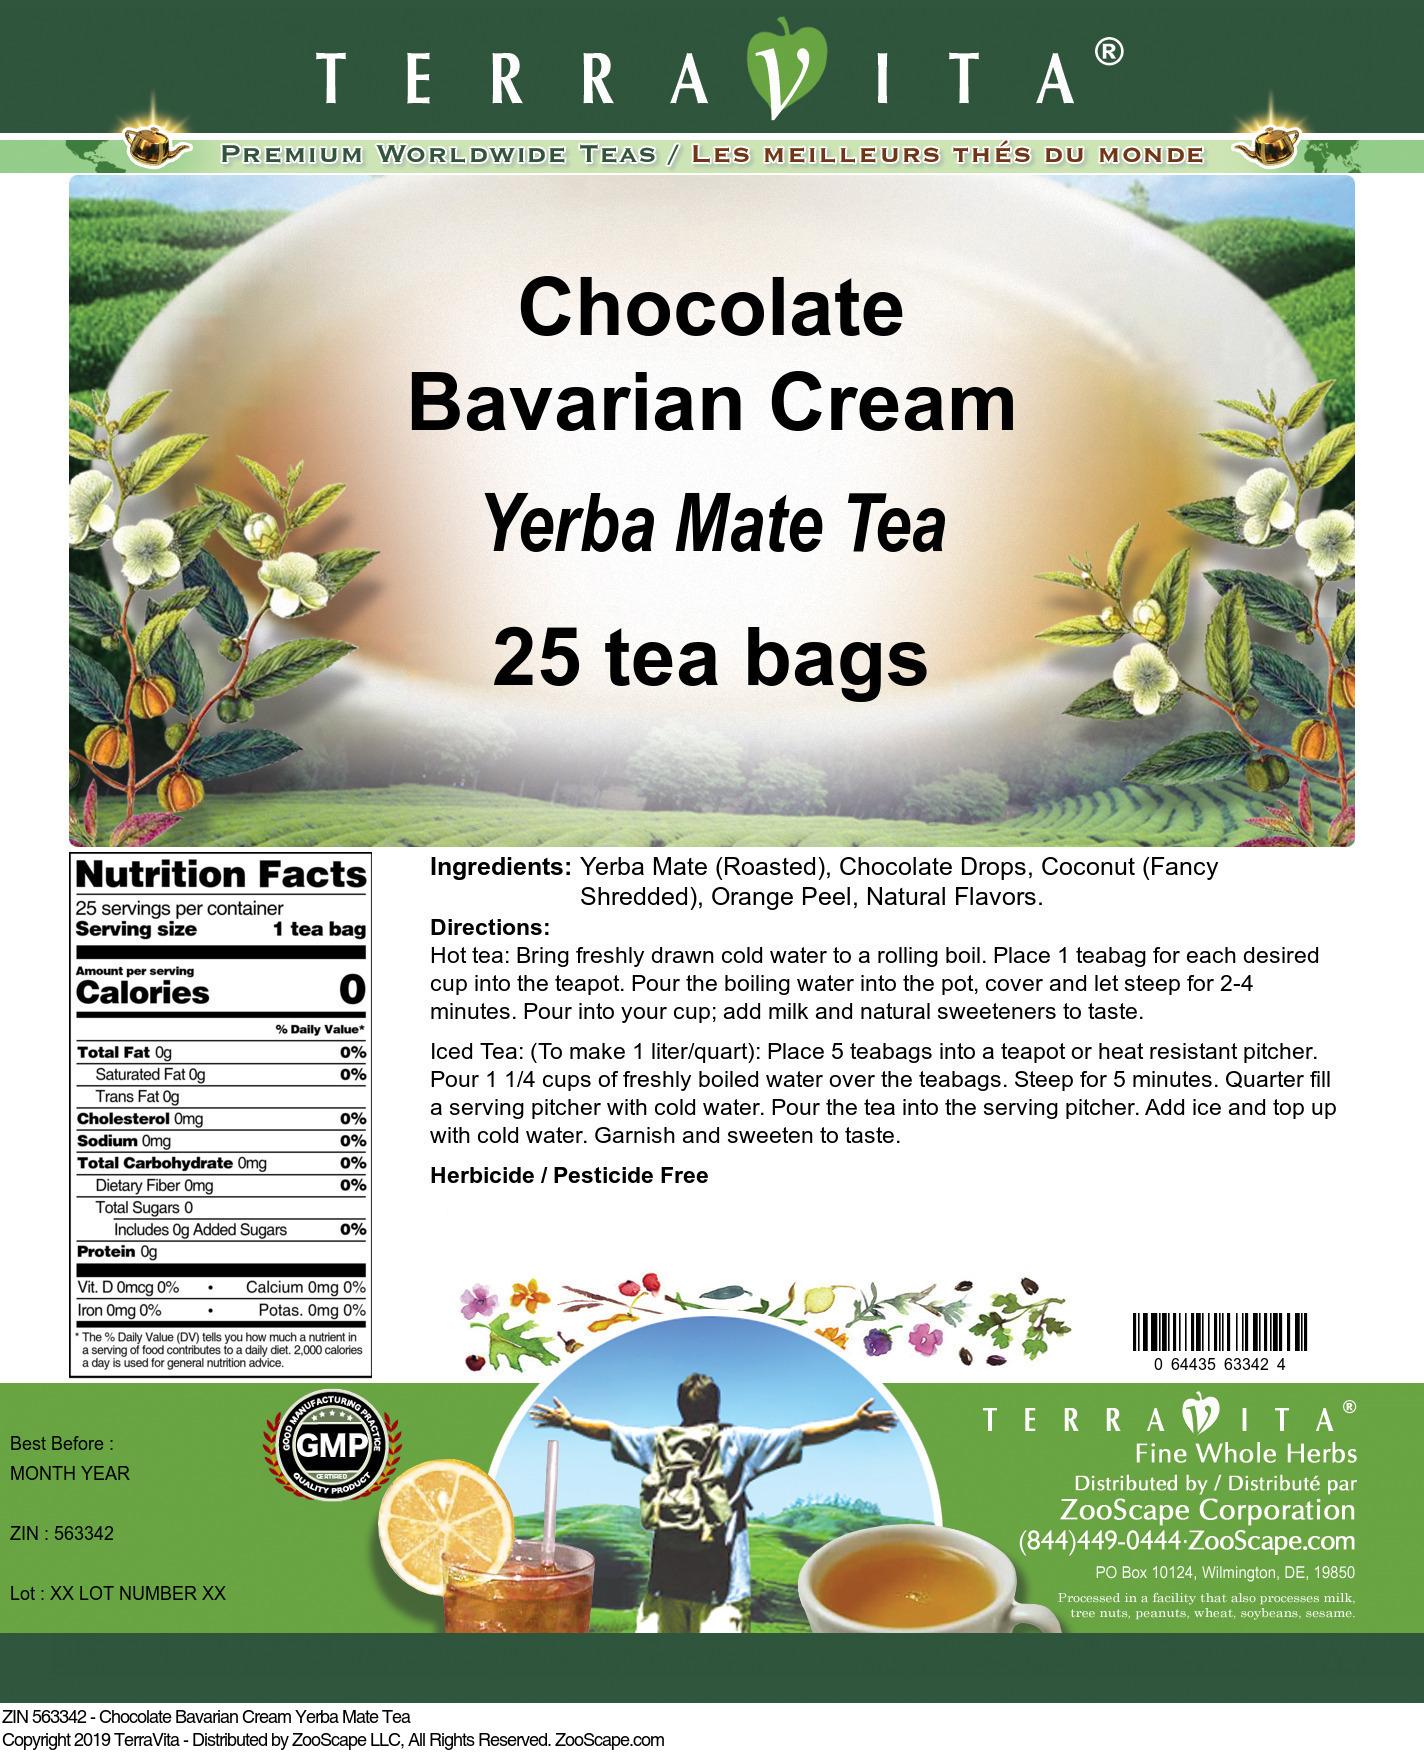 Chocolate Bavarian Cream Yerba Mate